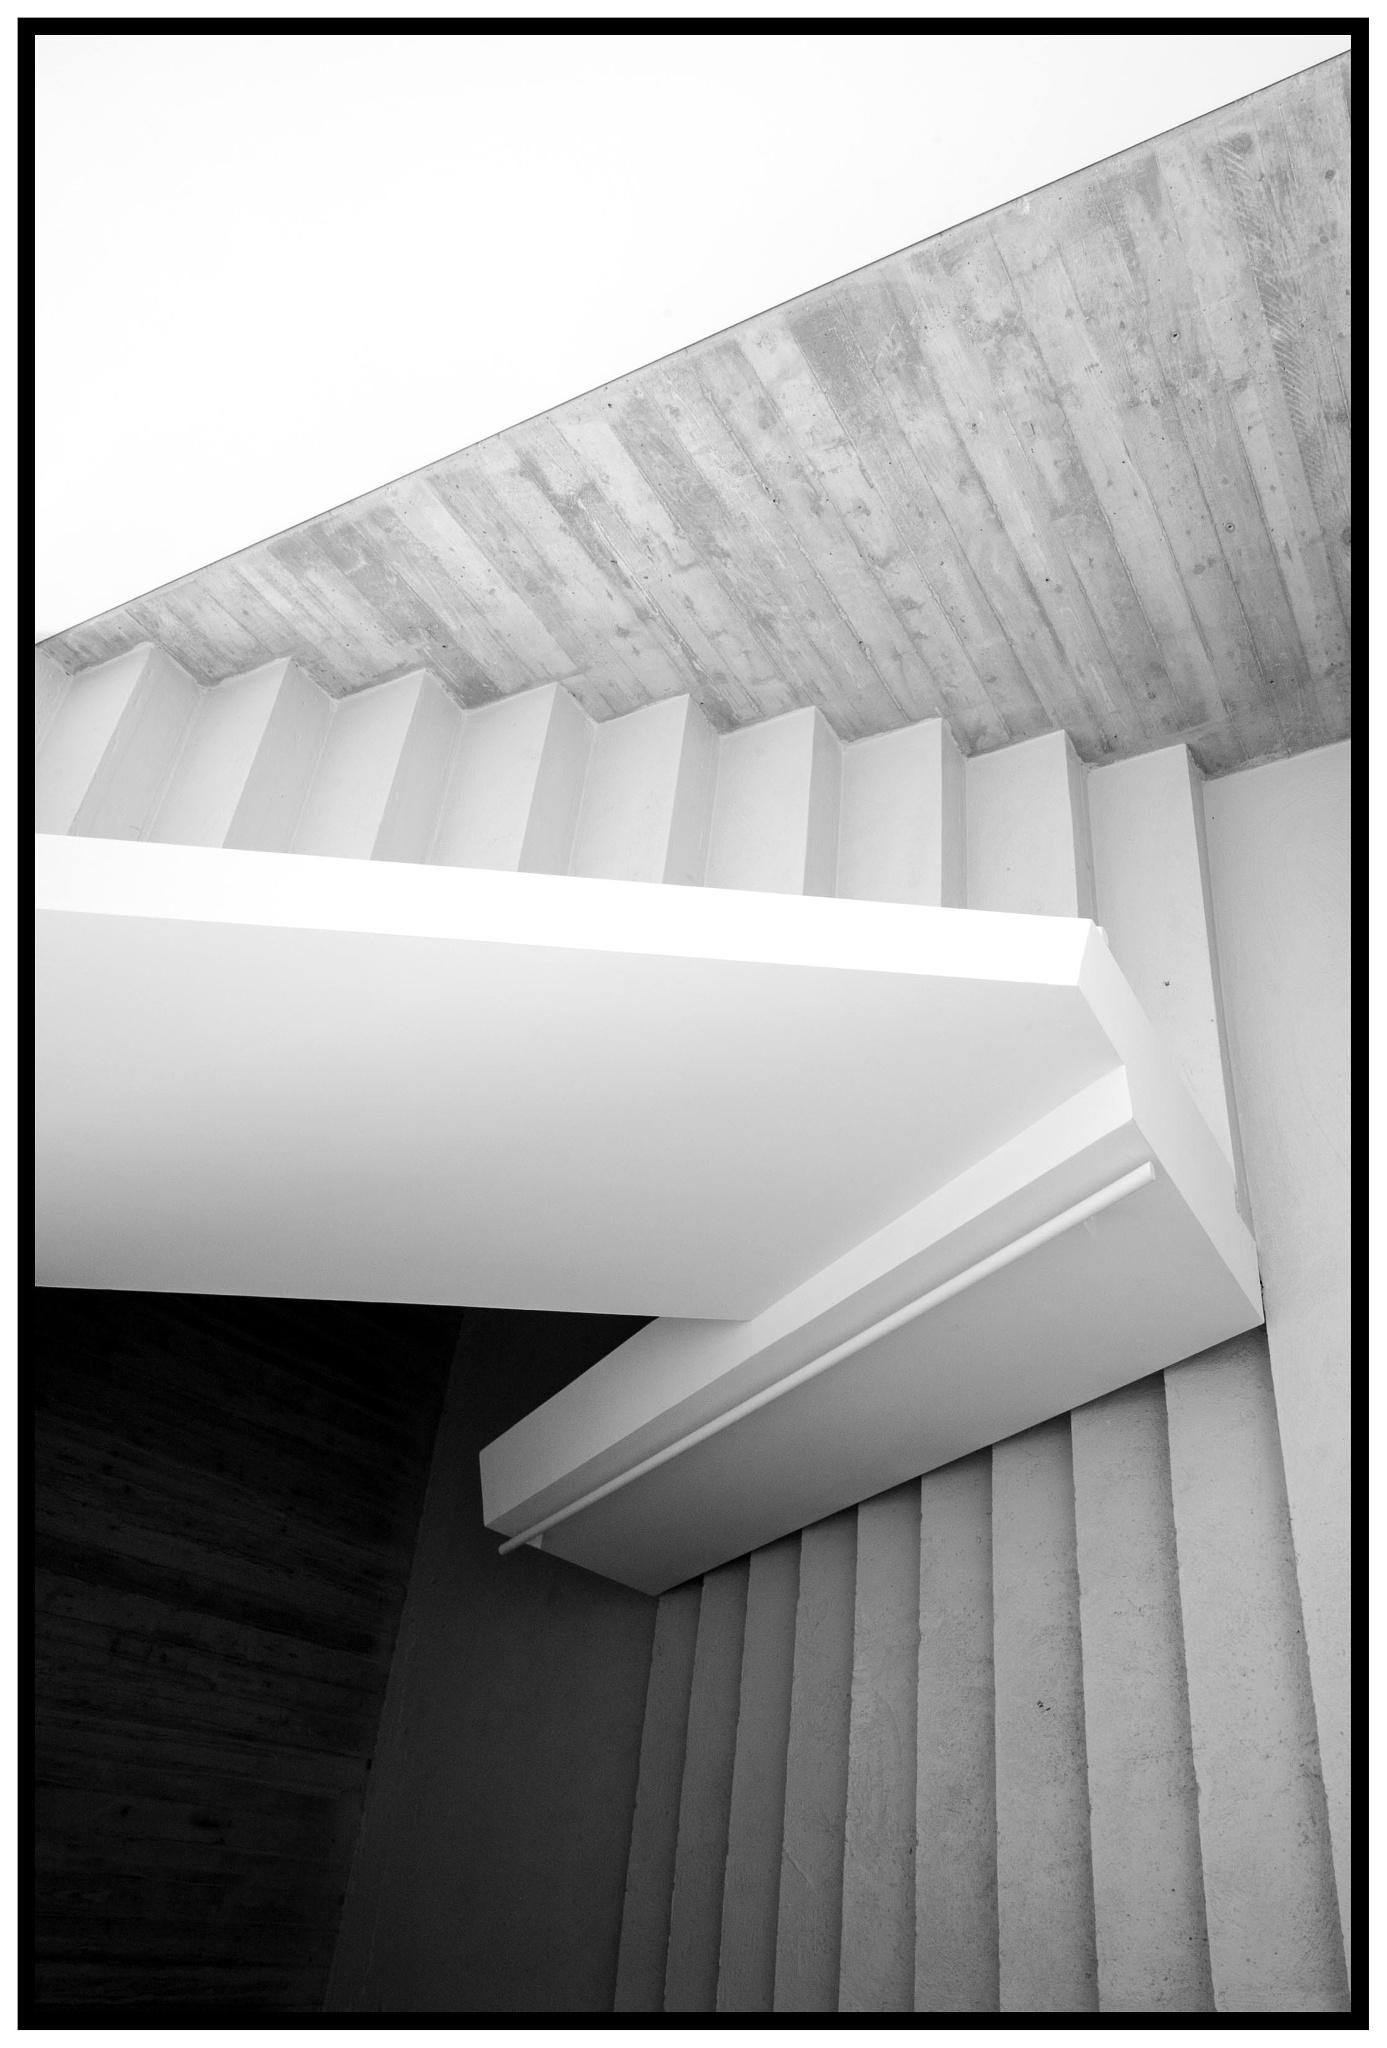 forme geometriche by bcorech